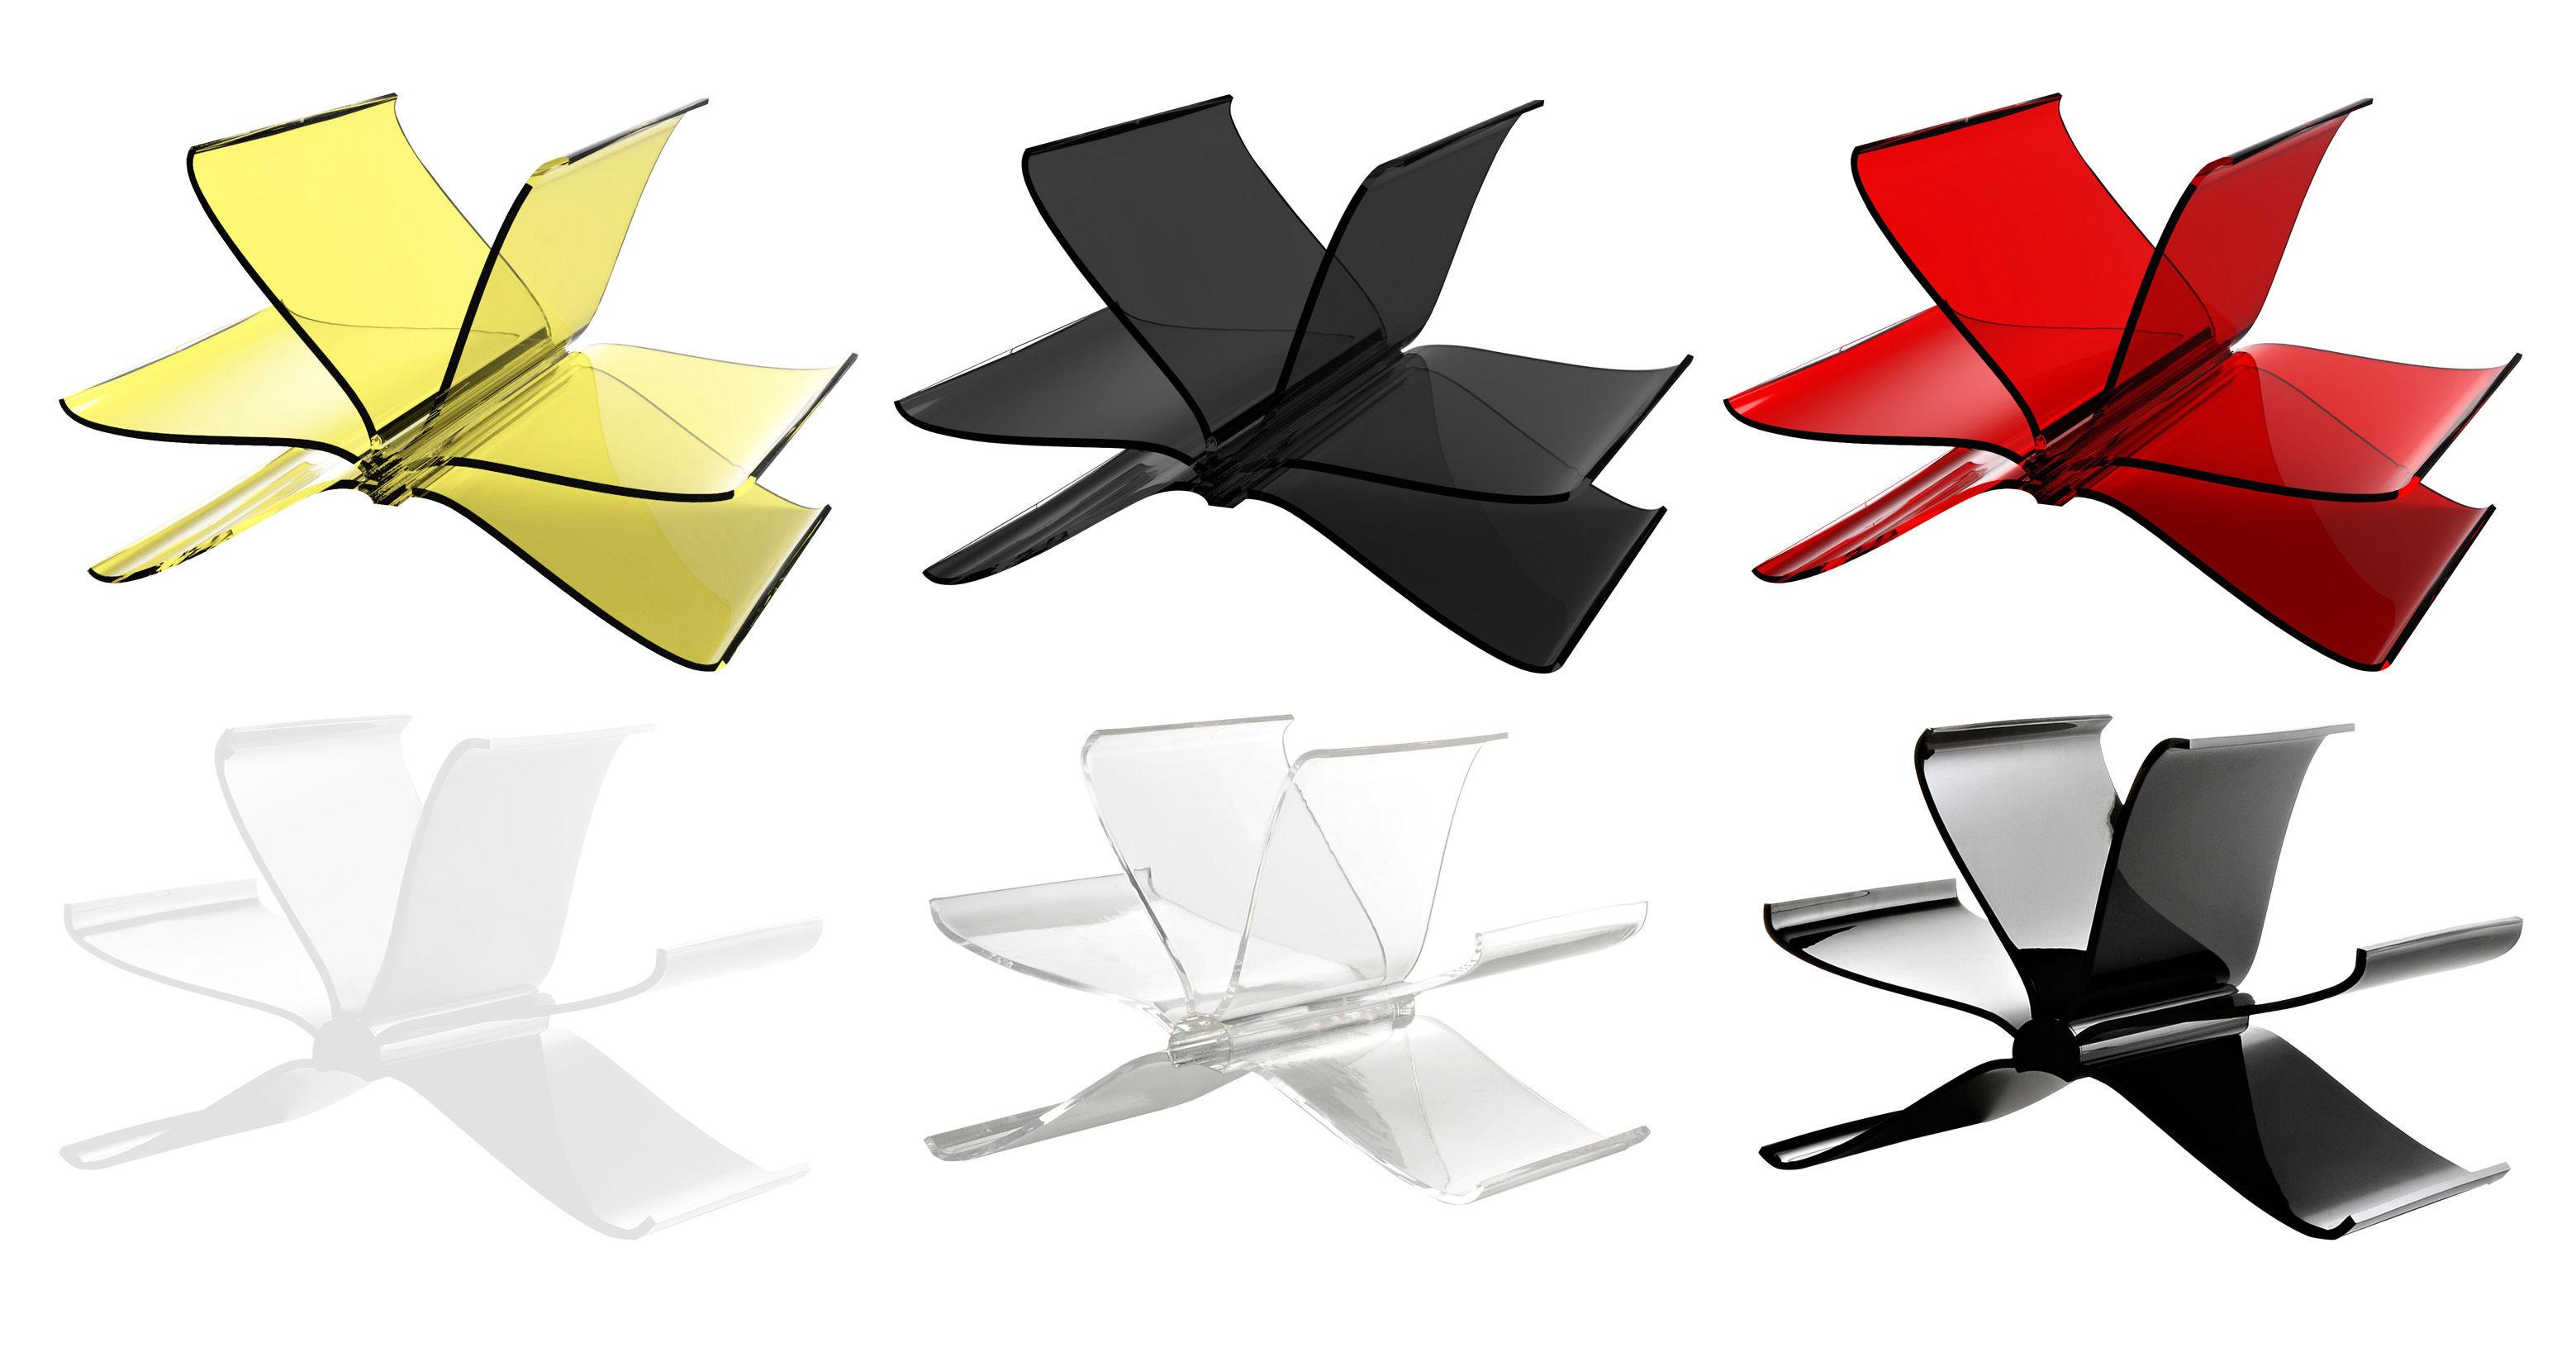 porte revues front page cristal kartell. Black Bedroom Furniture Sets. Home Design Ideas